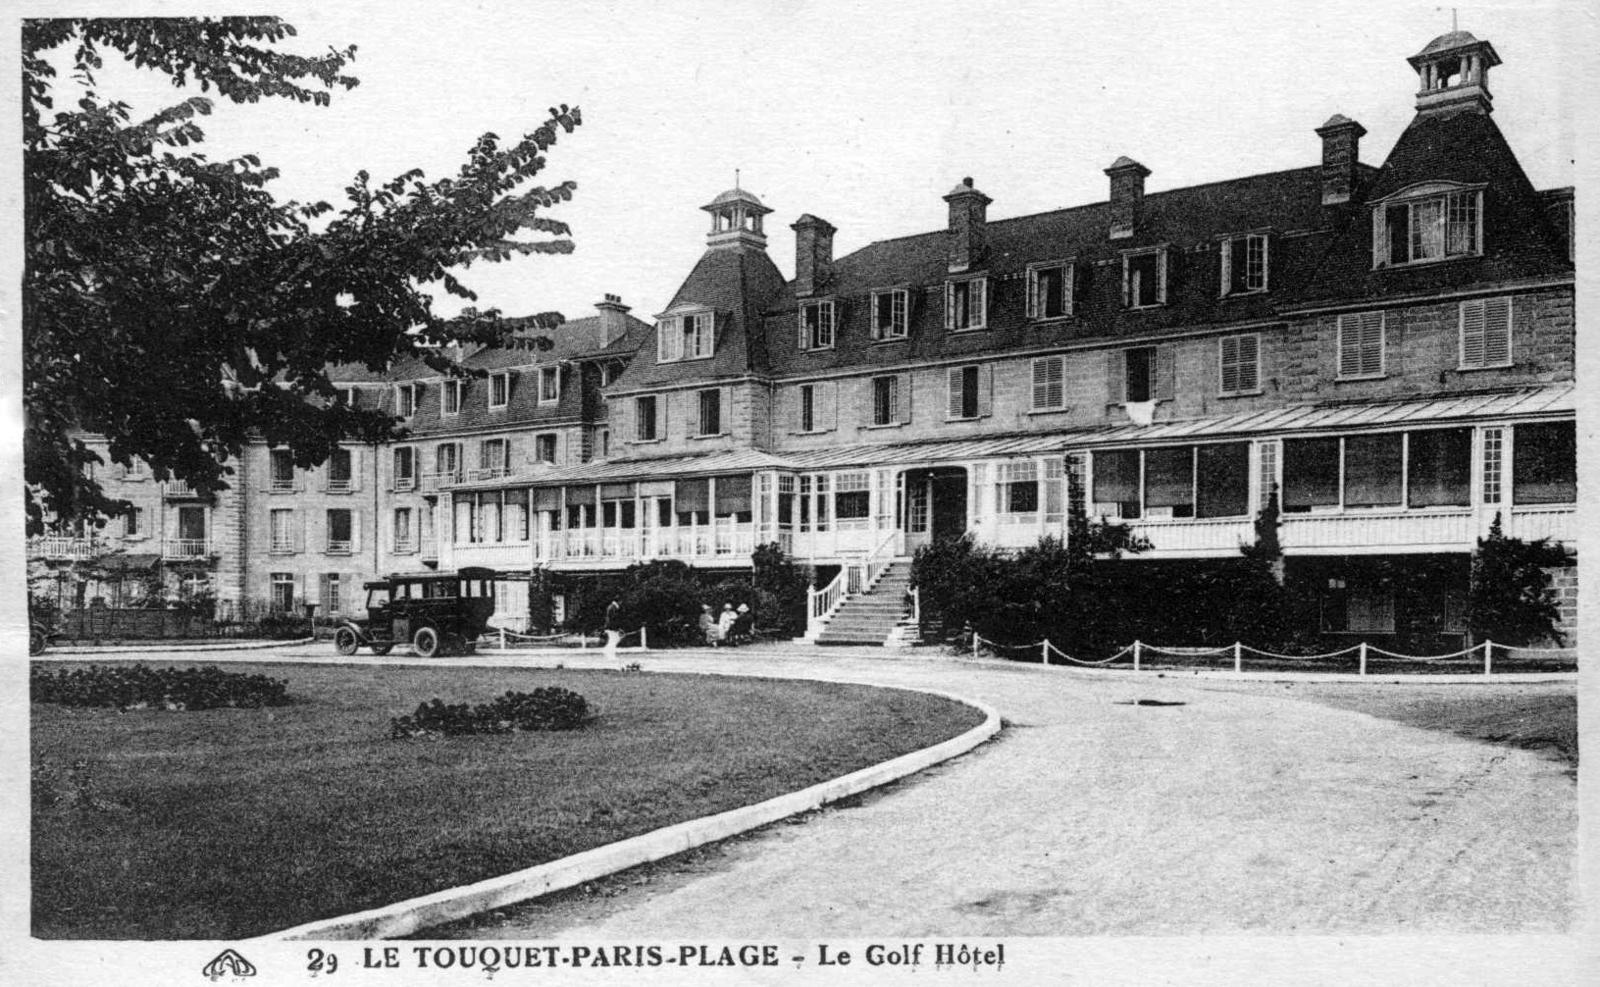 Le Touquet-Paris-Plage -  Le Golf Hôtel.